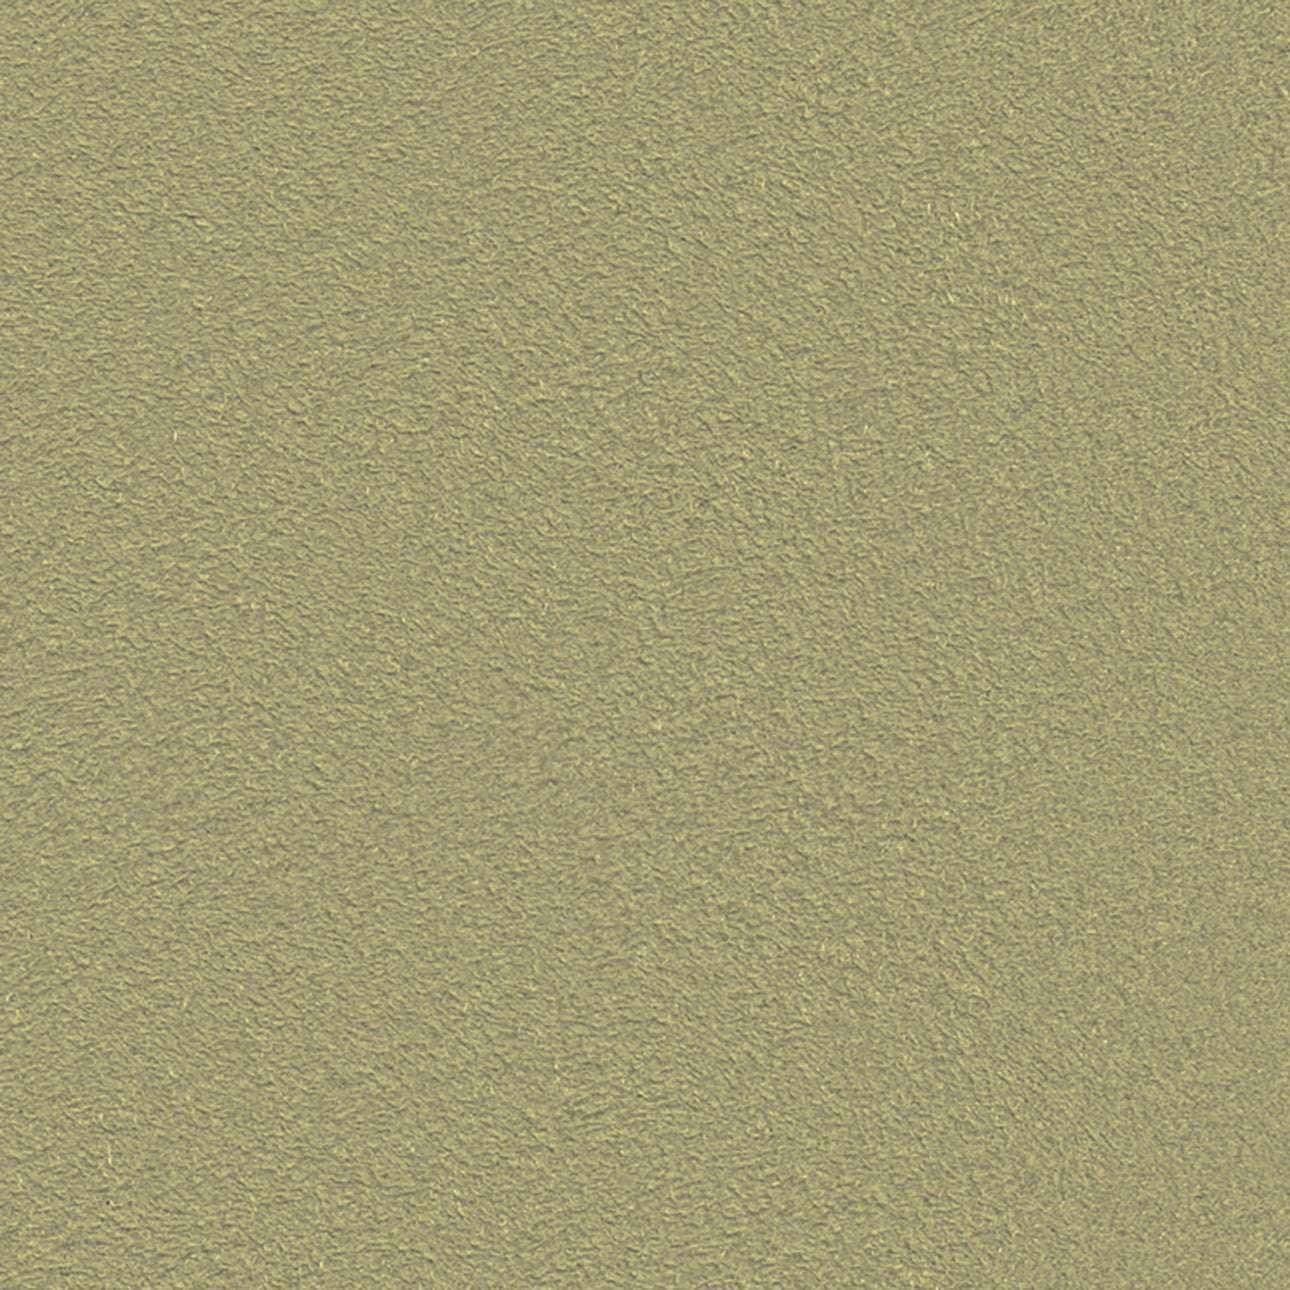 Poszewka na półwałek Beddinge w kolekcji Living, tkanina: 102-34